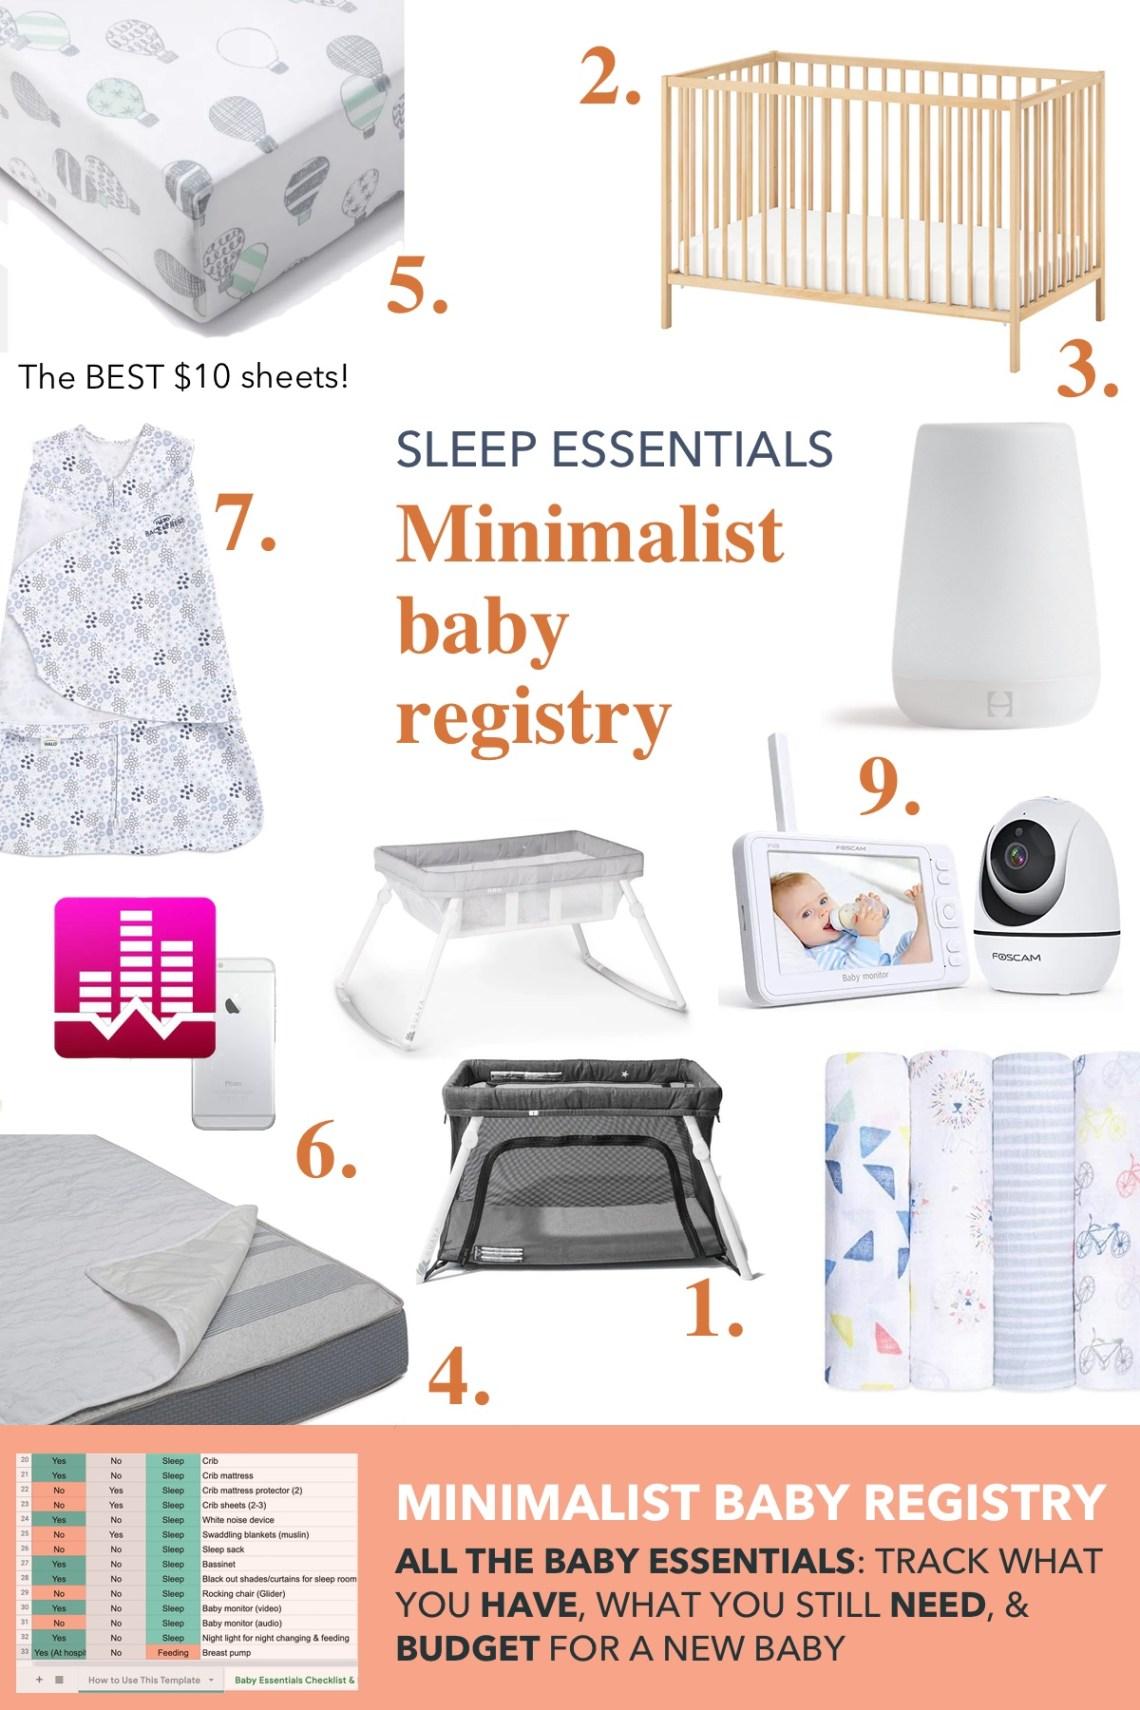 baby sleep essentials: minimalist baby registry checklist